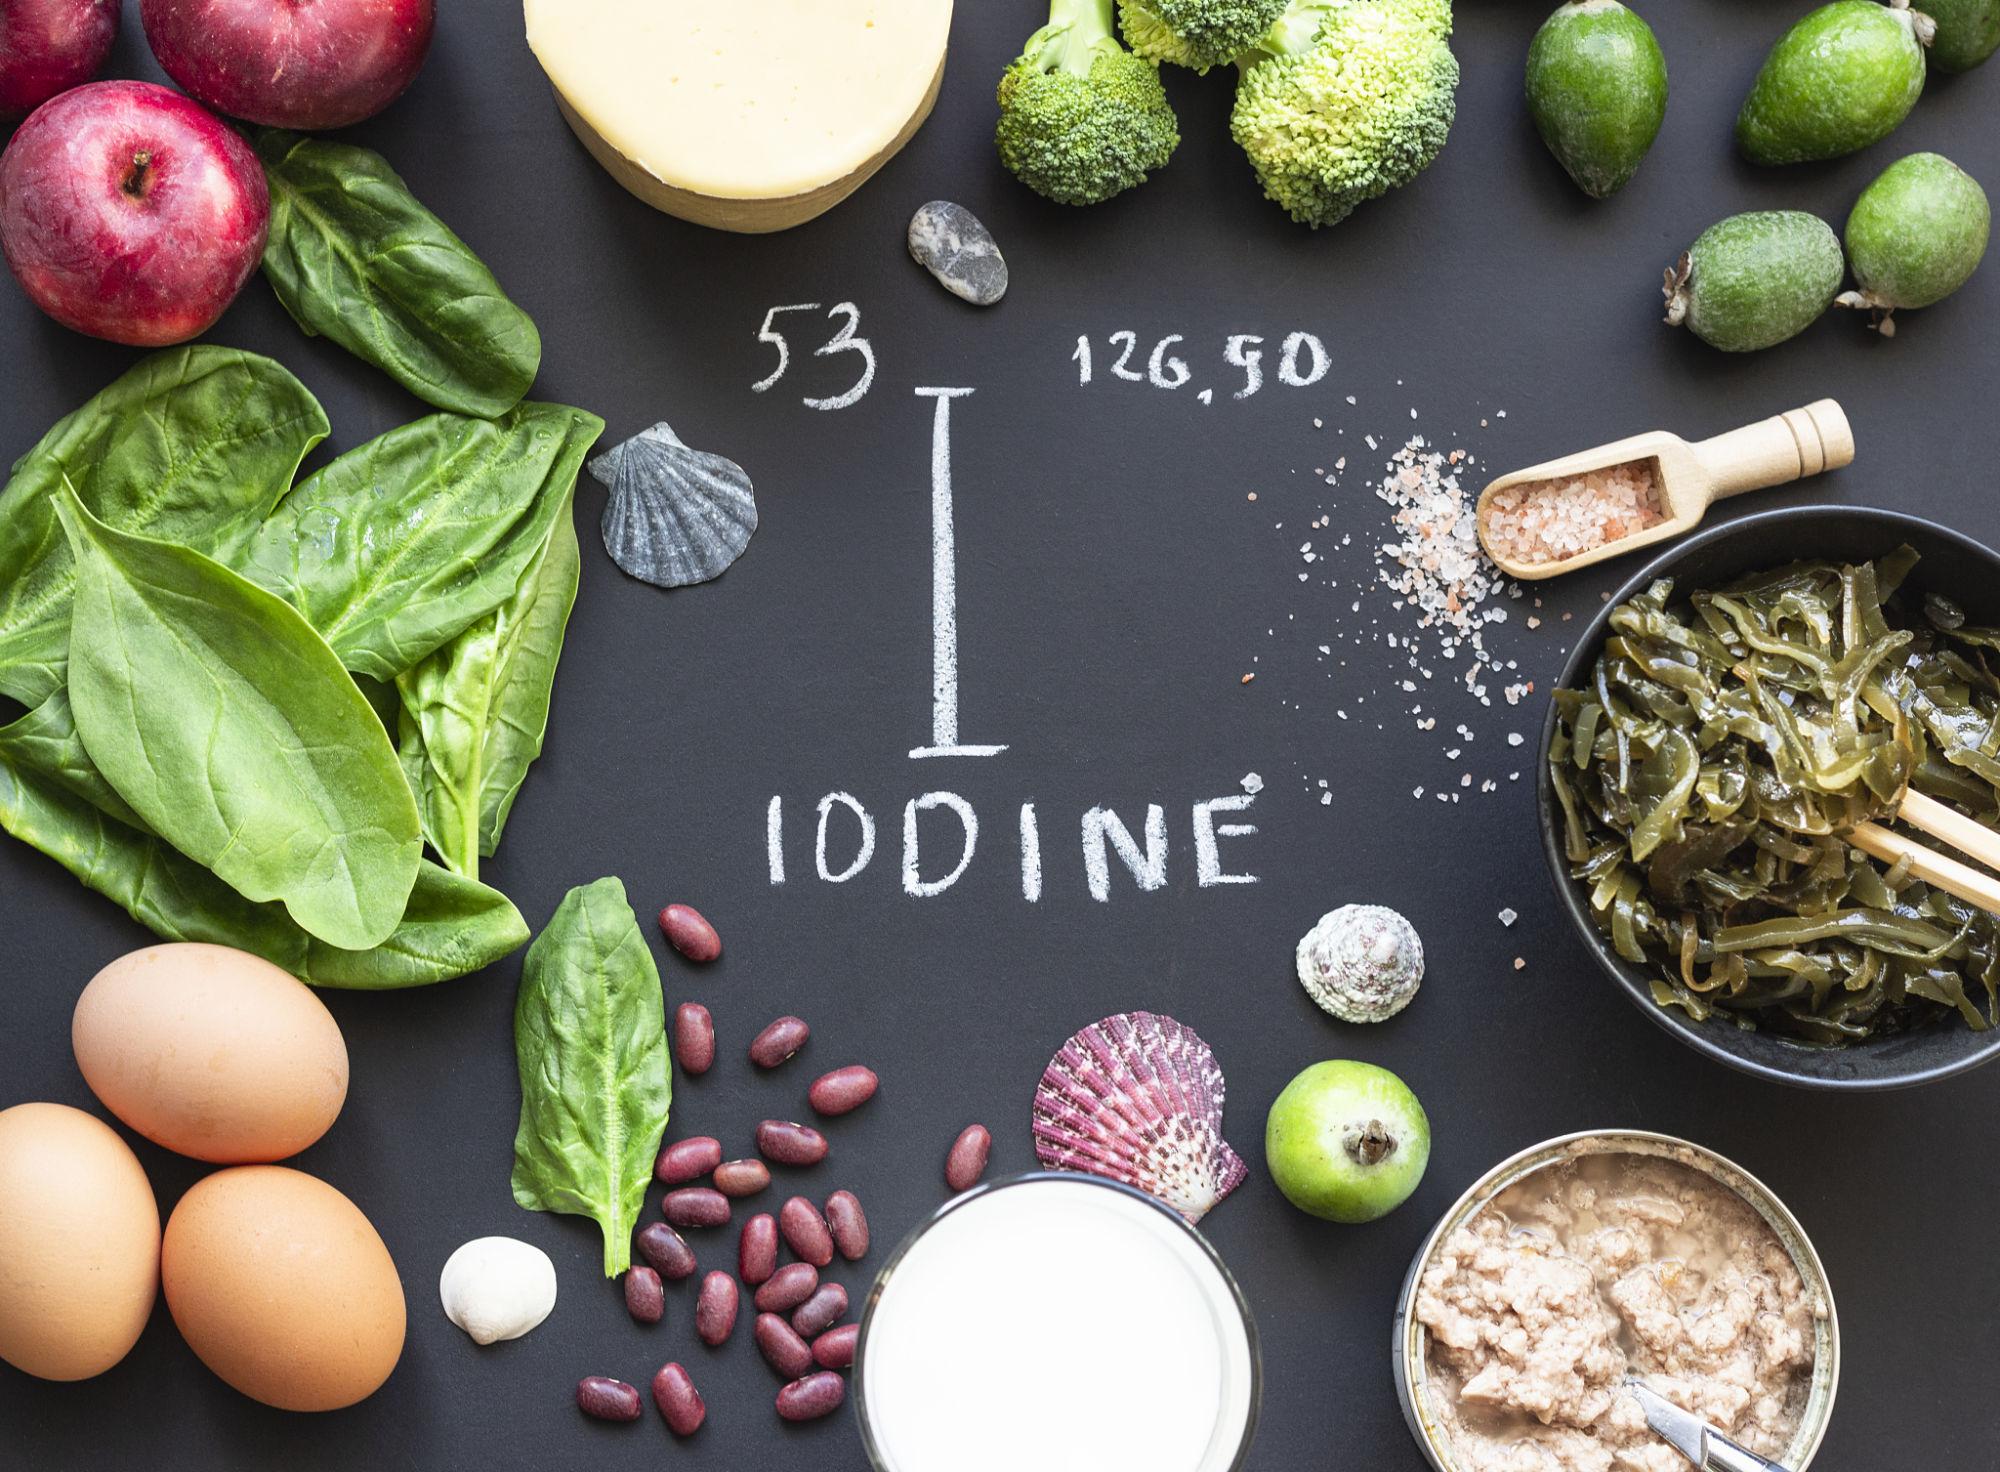 17 продуктов с самым высоким содержанием йода